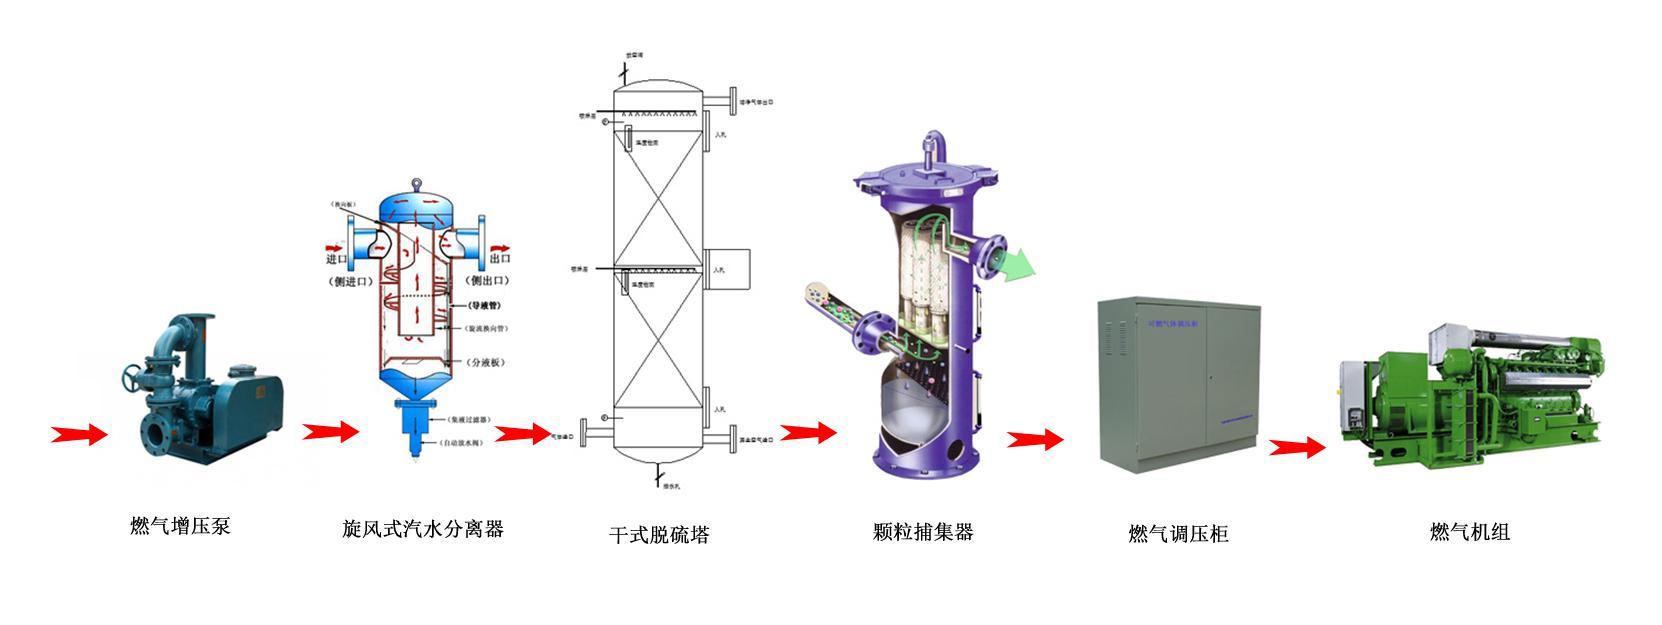 優惠的沼氣瓦斯氣脫硫脫水預處理 沼氣瓦斯氣脫硫脫水預處理設備哪里有